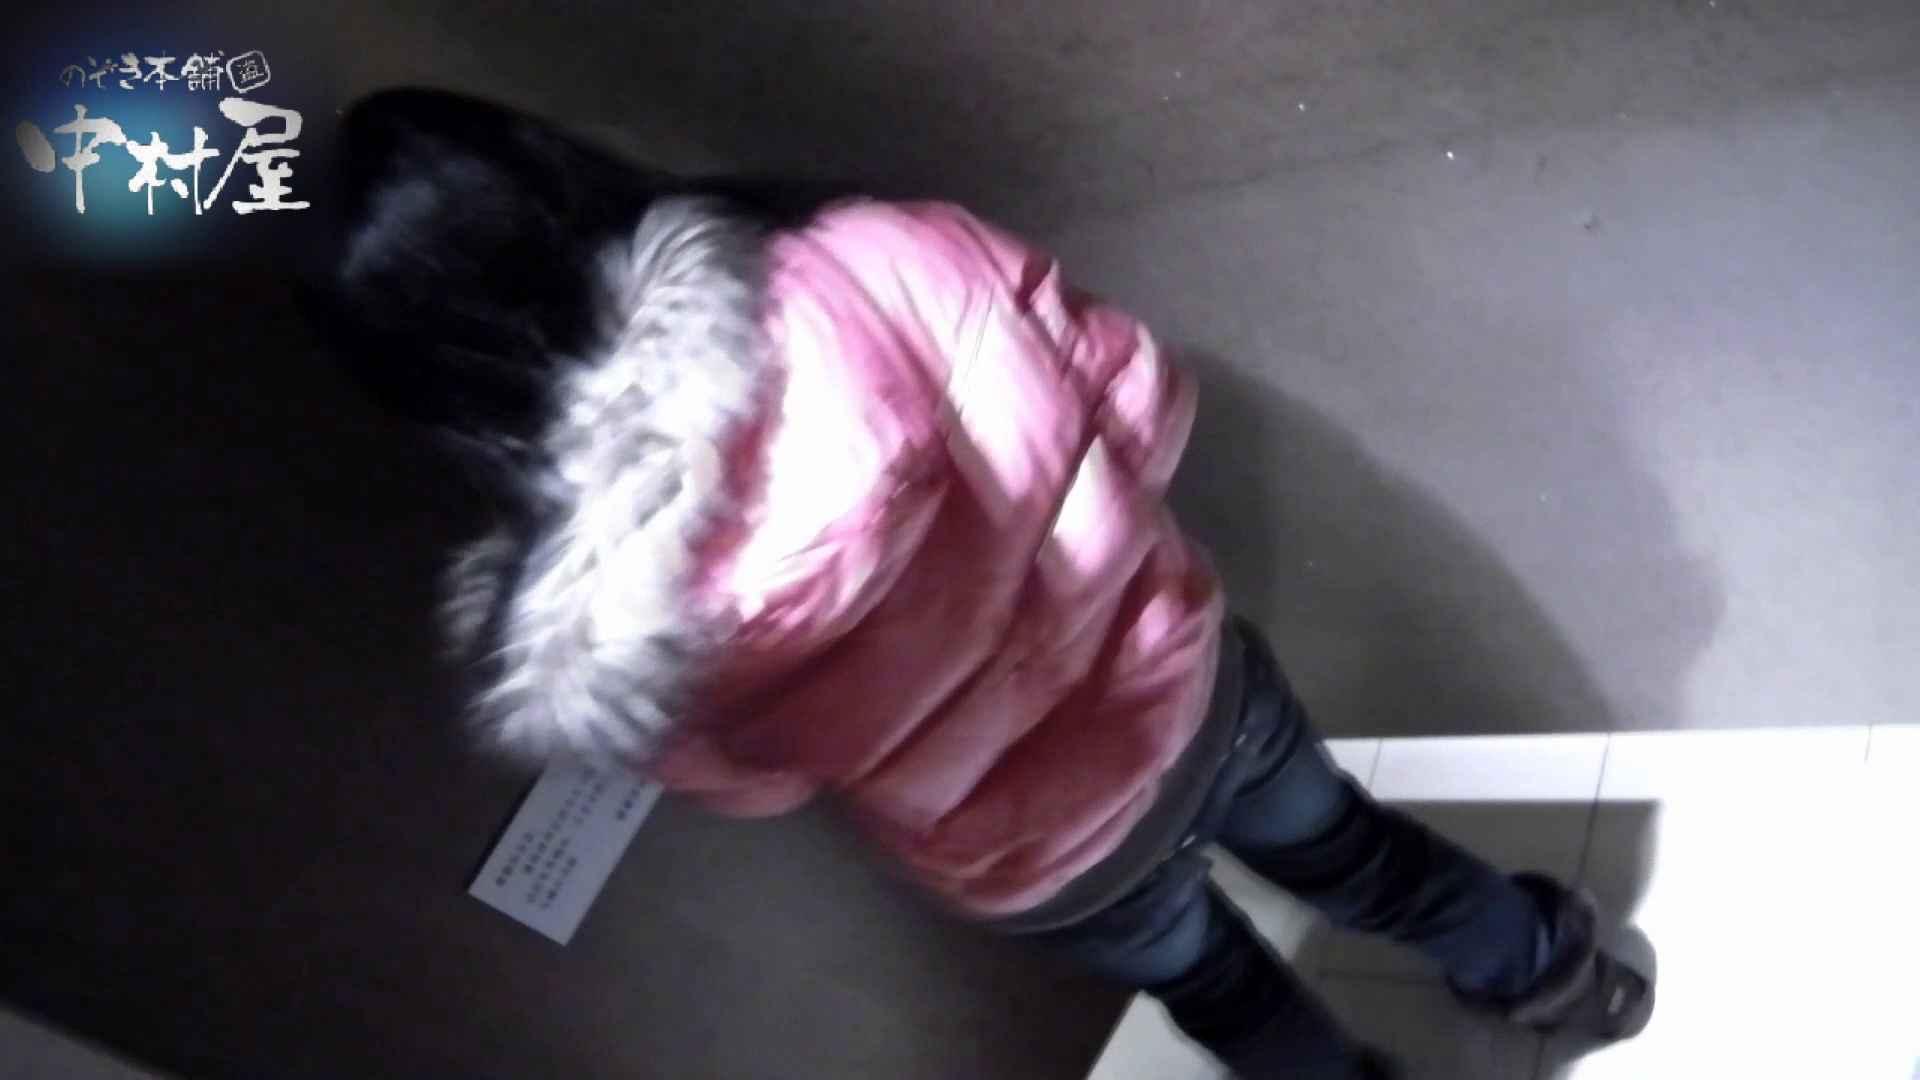 乙女集まる!ショッピングモール潜入撮vol.12 OLセックス 盗撮ヌード画像 92画像 26